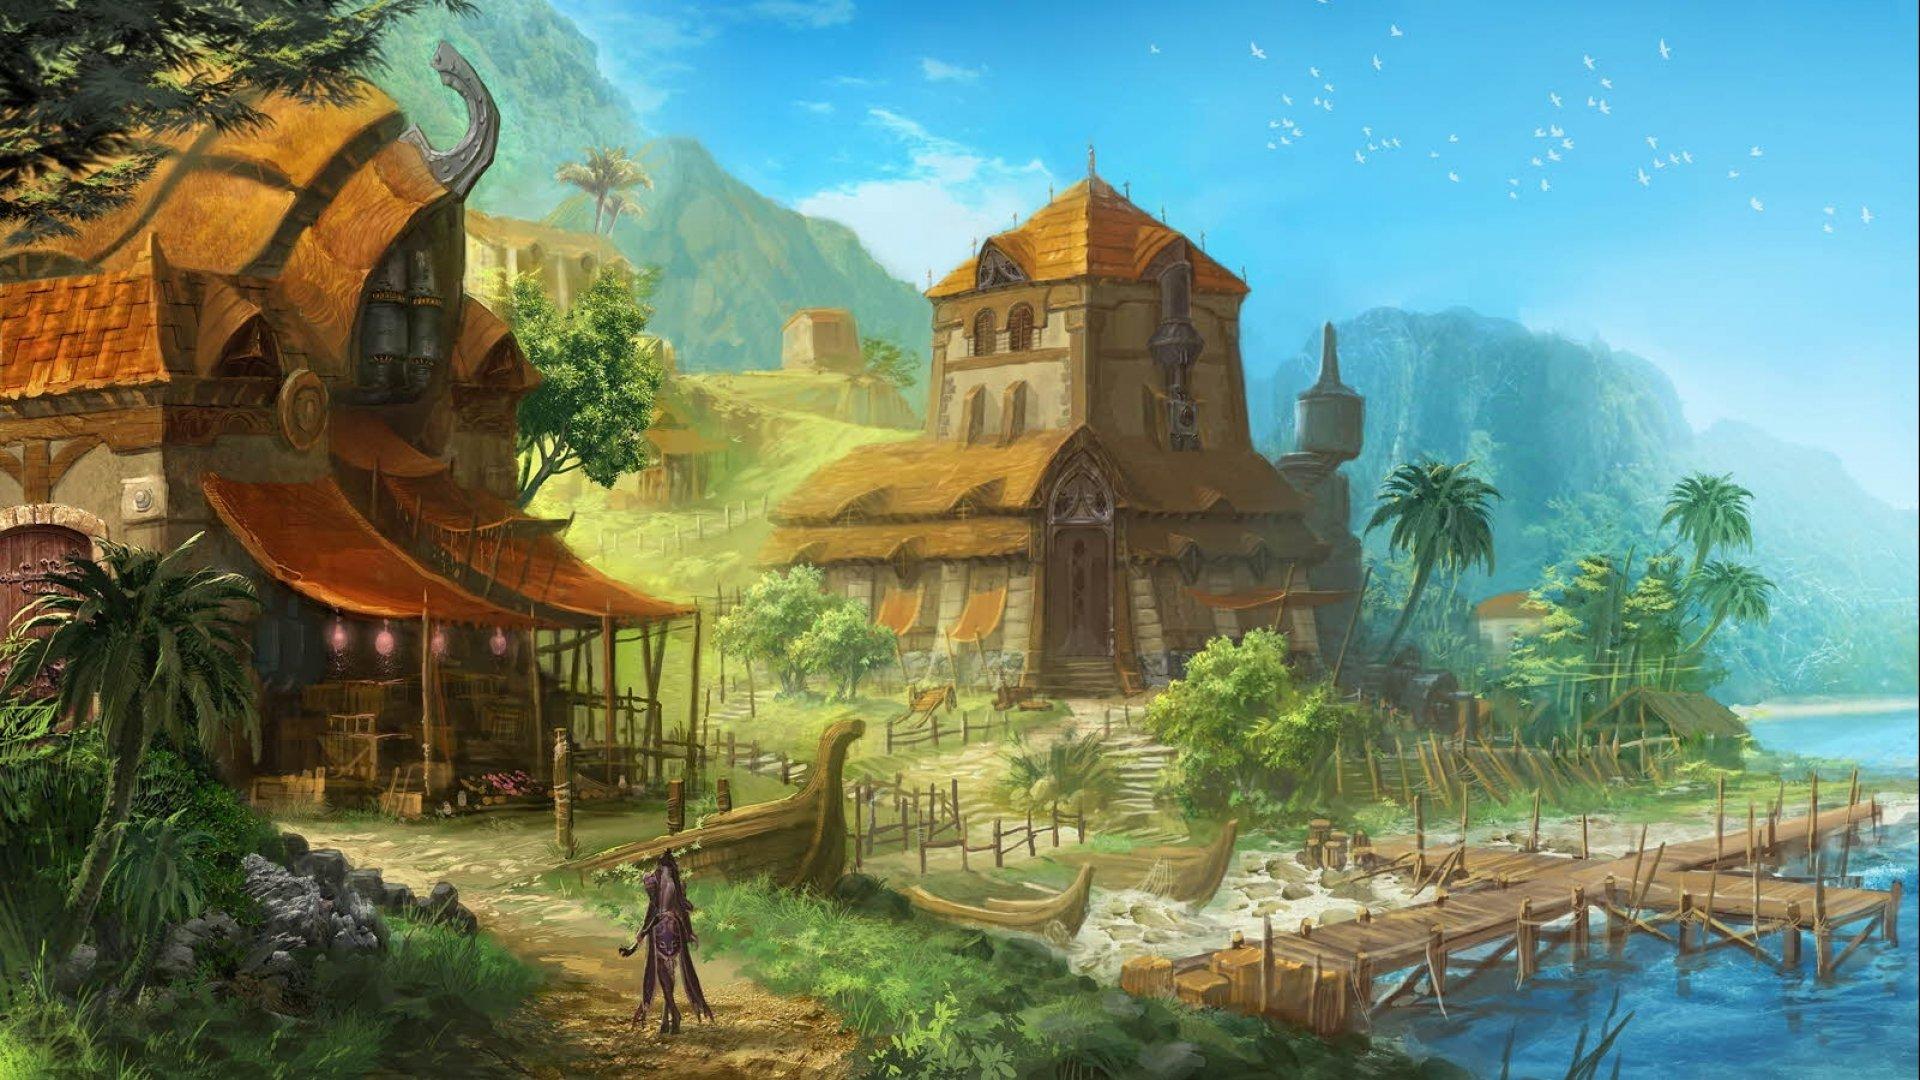 wallpaper scenery